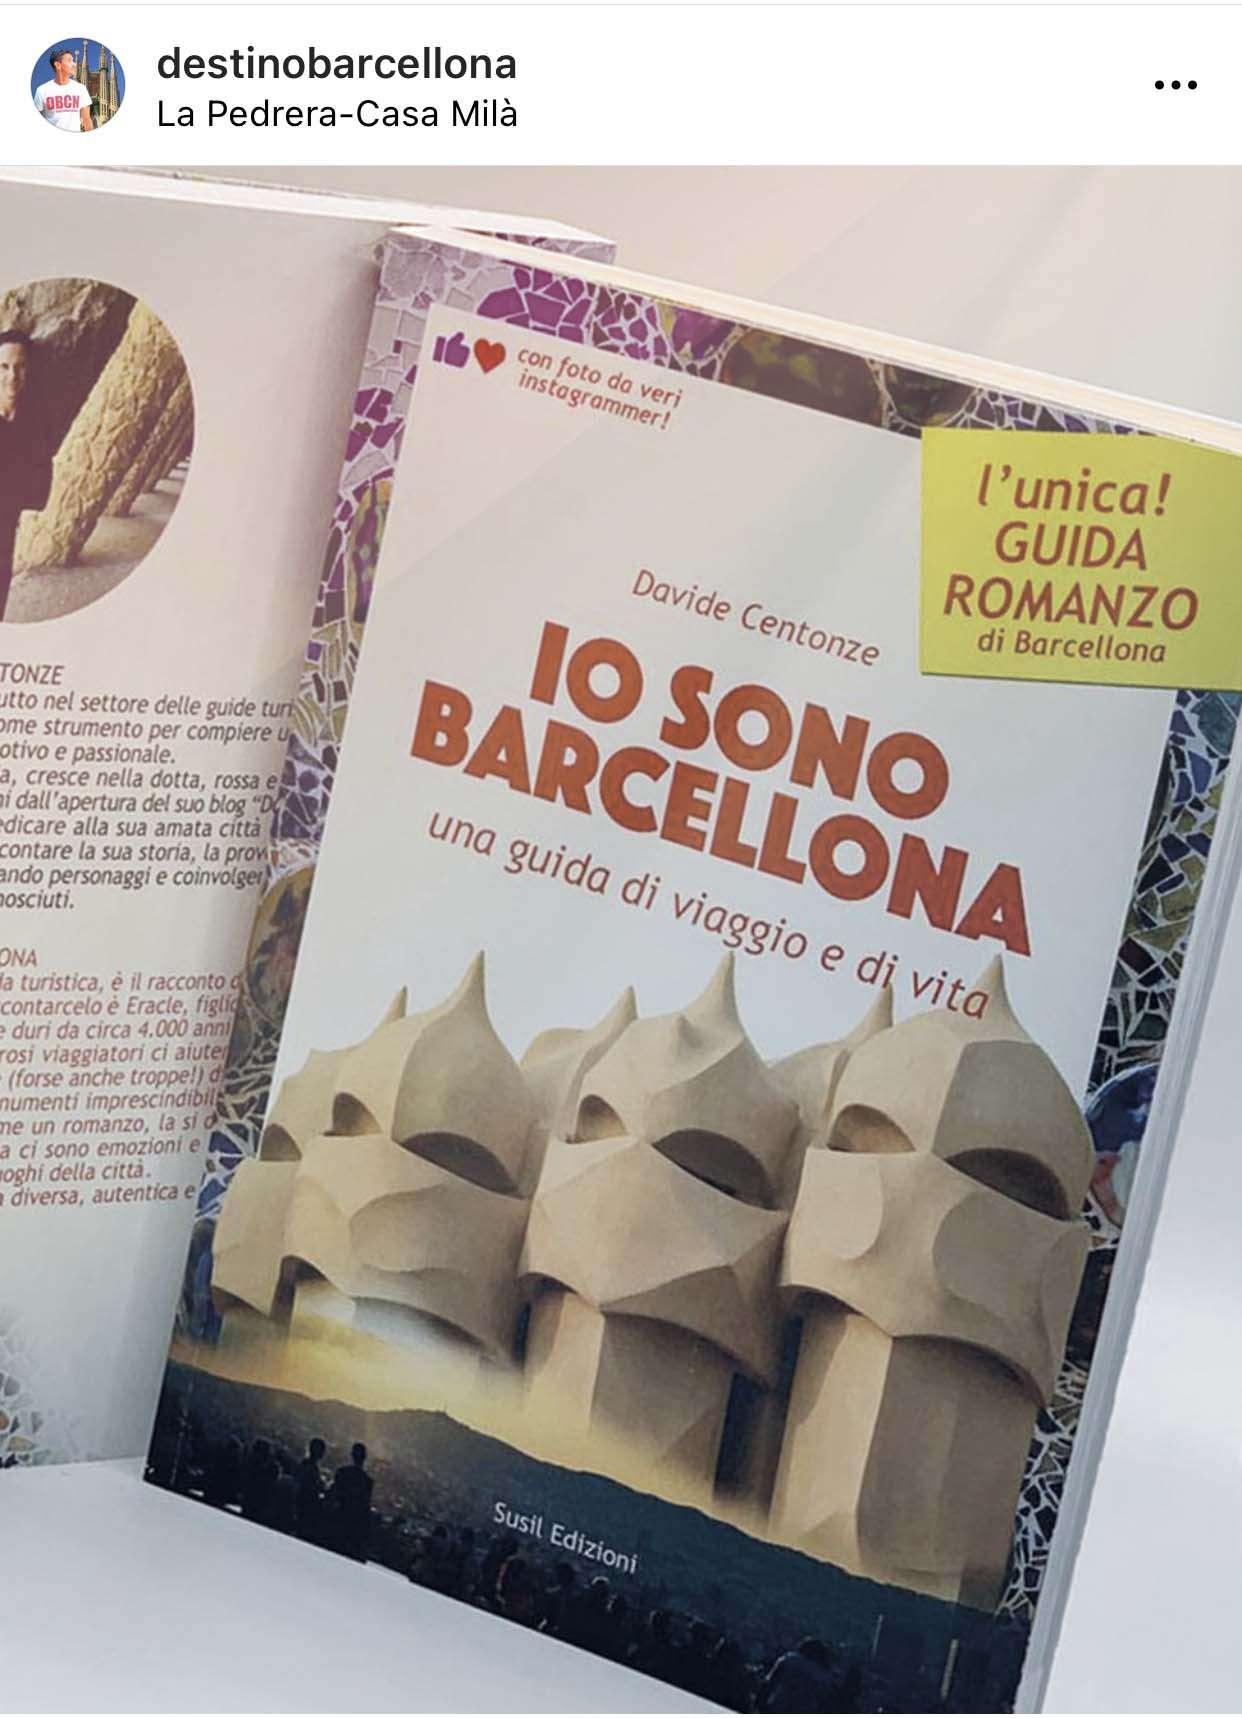 La copertina della guida romanzo IO SONO BARCELLONA con gli emblematici camini guerrieri di Casa Milà - La Pedrera